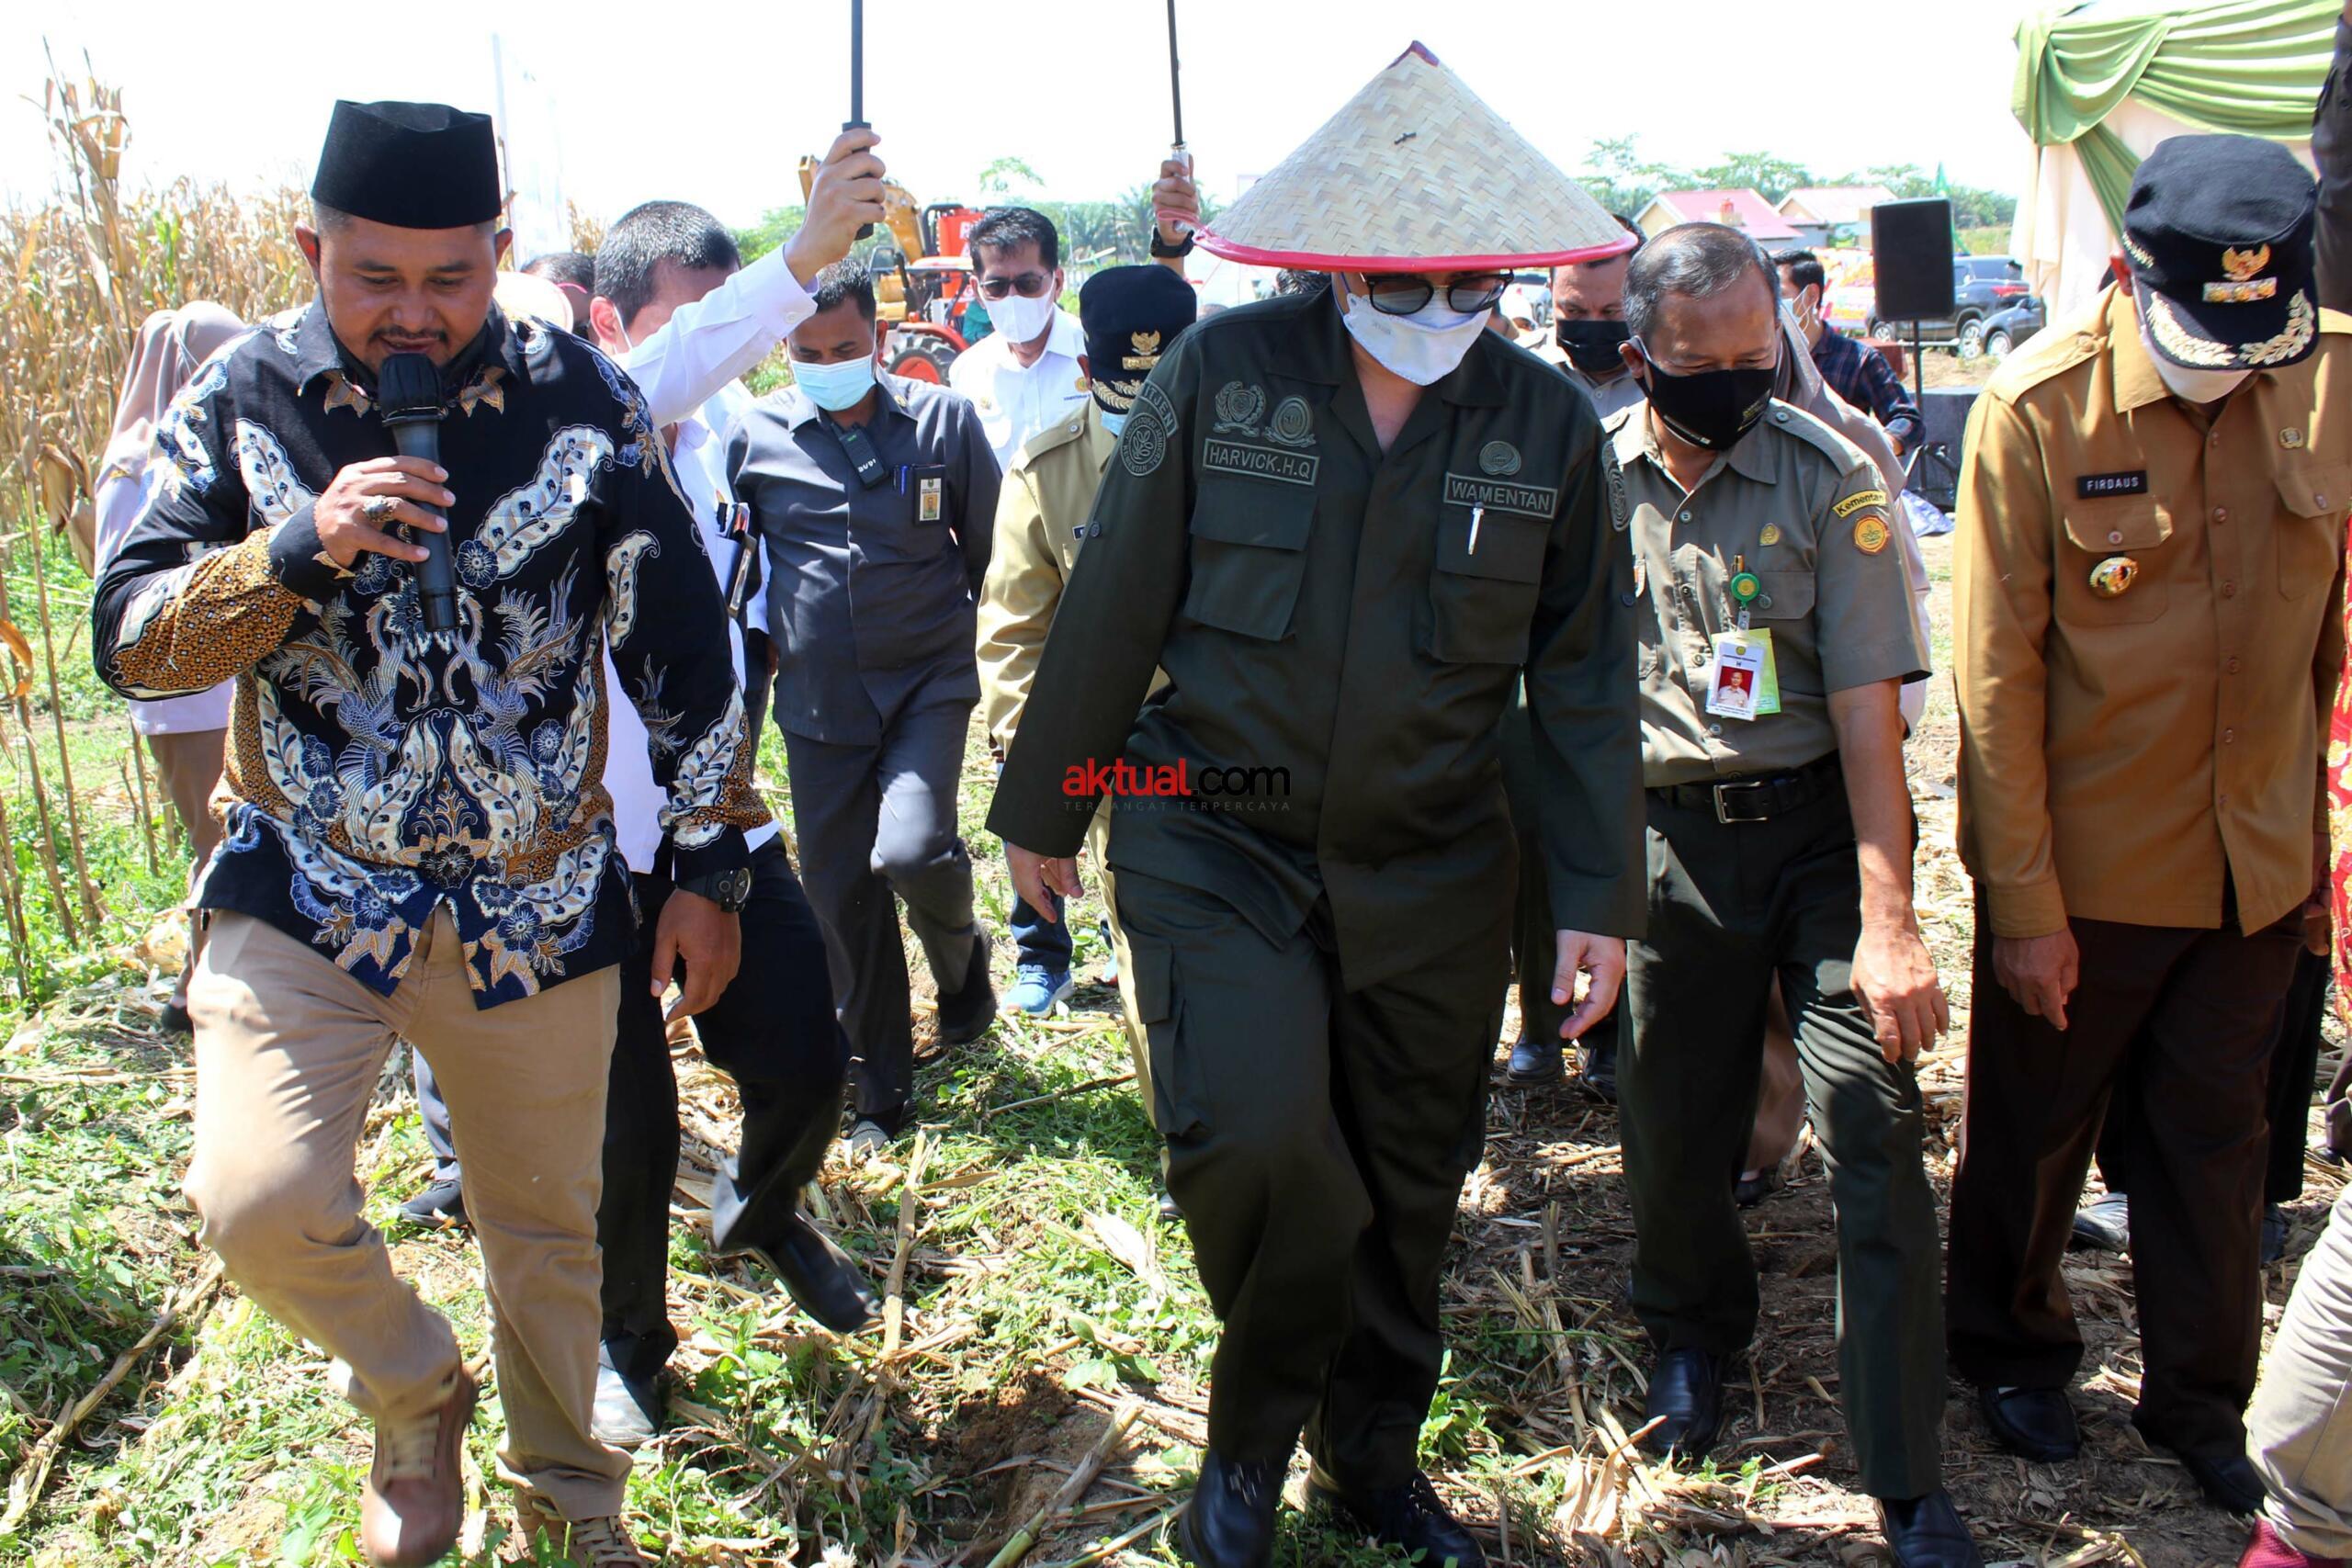 Wakil Menteri Pertanian (Wamentan) Harvick Hasnul Qolbi (kiri) bersama Wakil Gubernur Pekanbaru, Edy Nasution (tengah) serta Walikota Pekanbaru, Firdaus (kanan) usai menyaksikan penerapan mekanisasi alat pertanian Koperasi Tani Berkah Sejahtera (RTBS) di kawasan Agrowisata, Pekanbaru, Riau, Senin (21/6) siang. Foto: Warnoto/Aktual.com